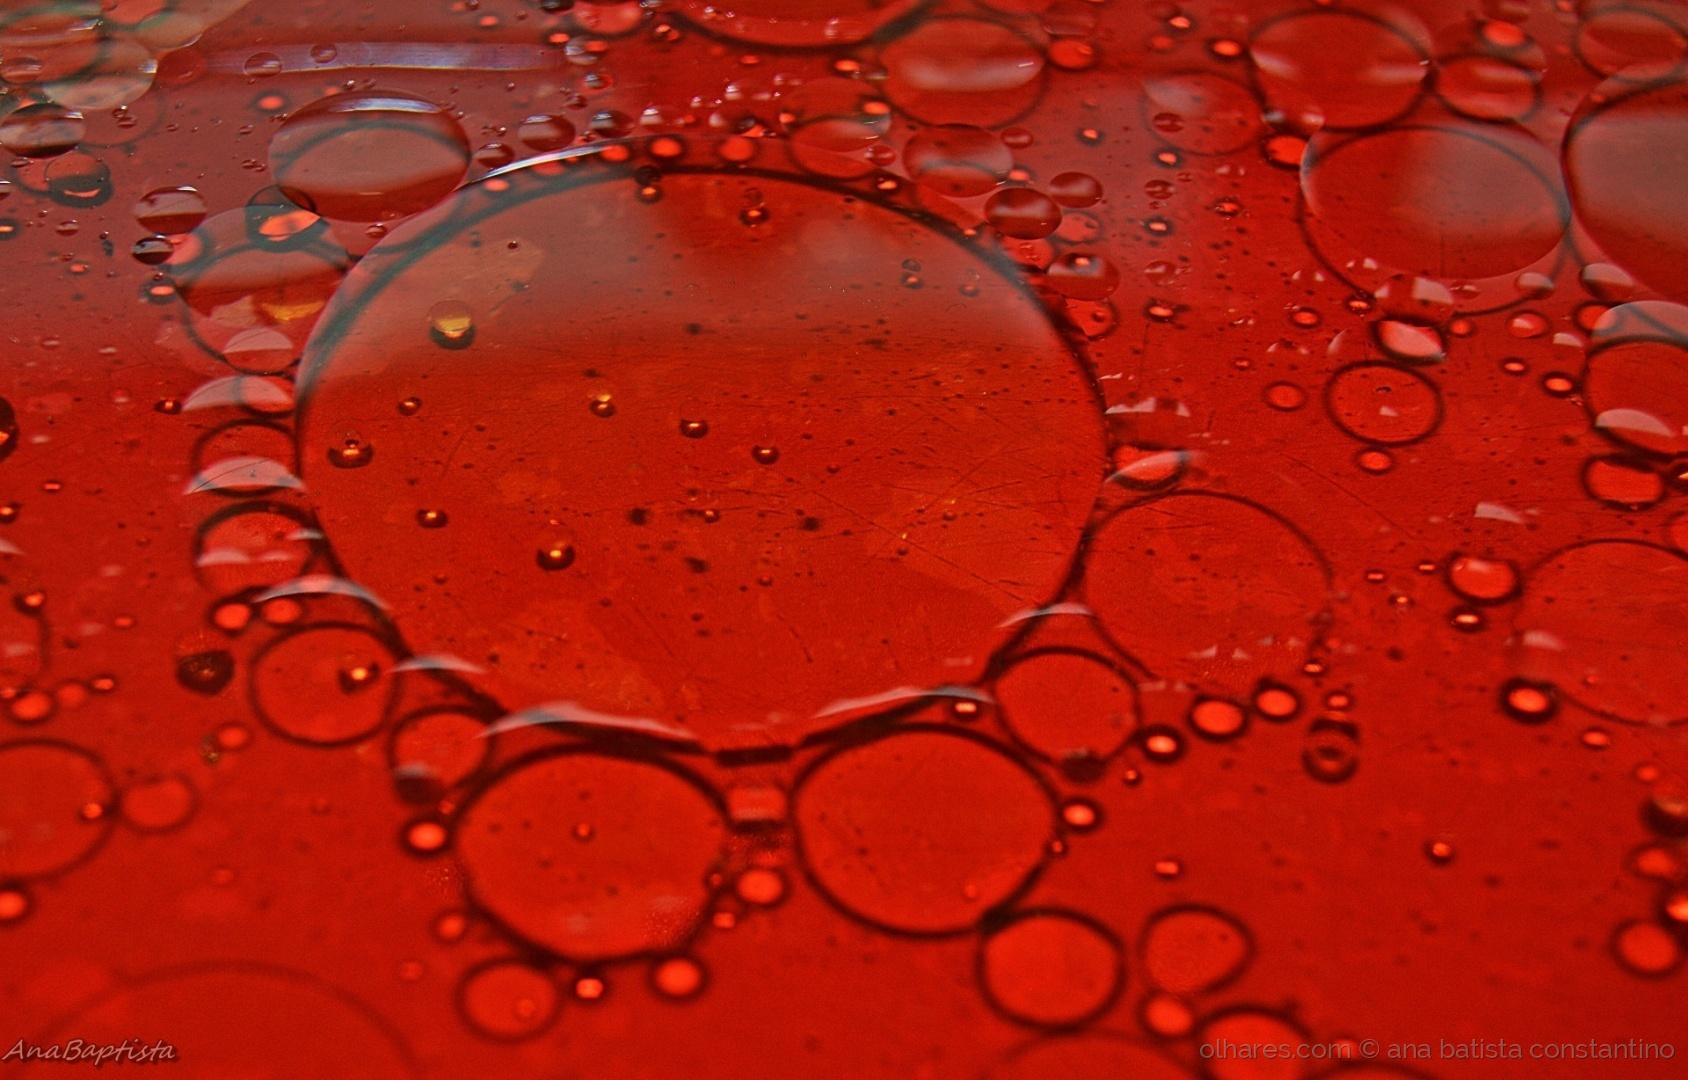 Abstrato/Azeite e água